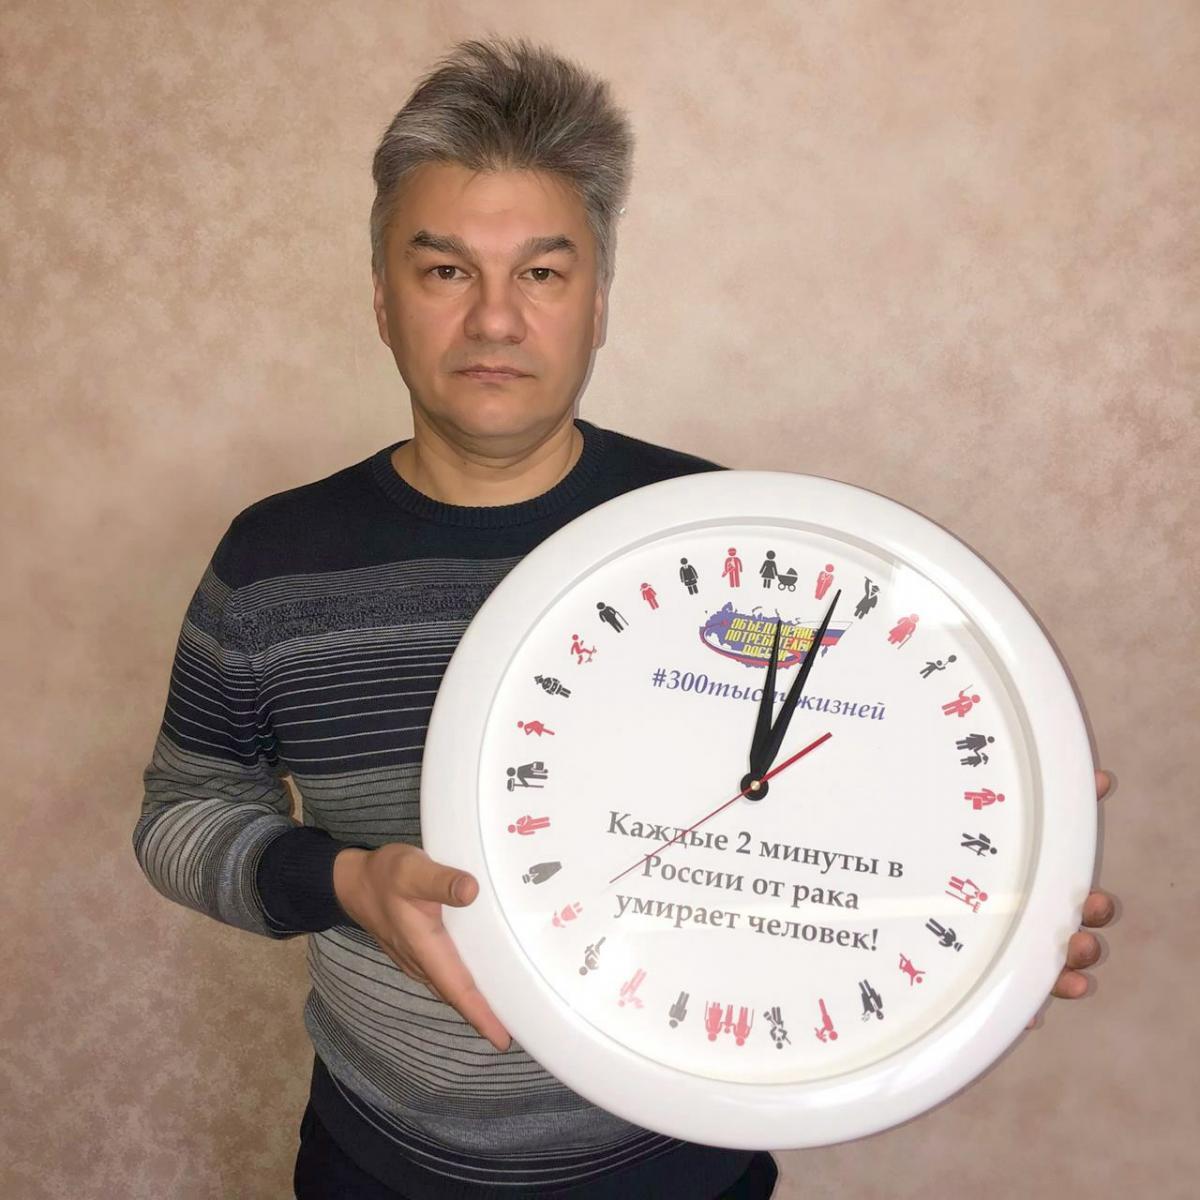 Подарок Евразийскому министру